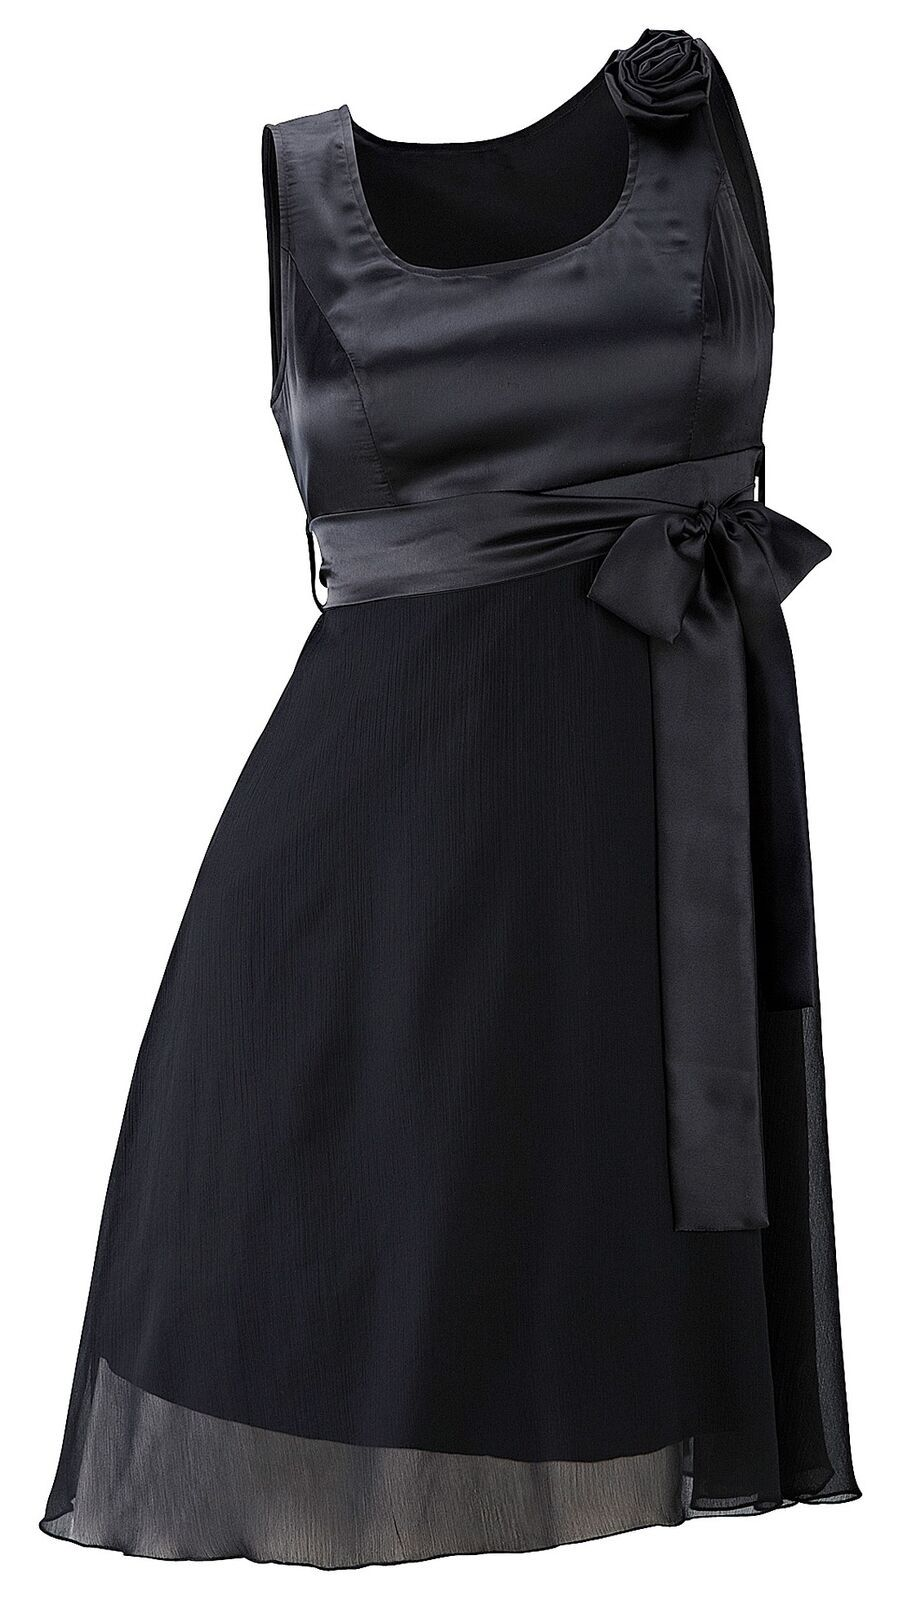 kleid gr. 40 schwarz damen-kleid abendkleid cocktailkleid